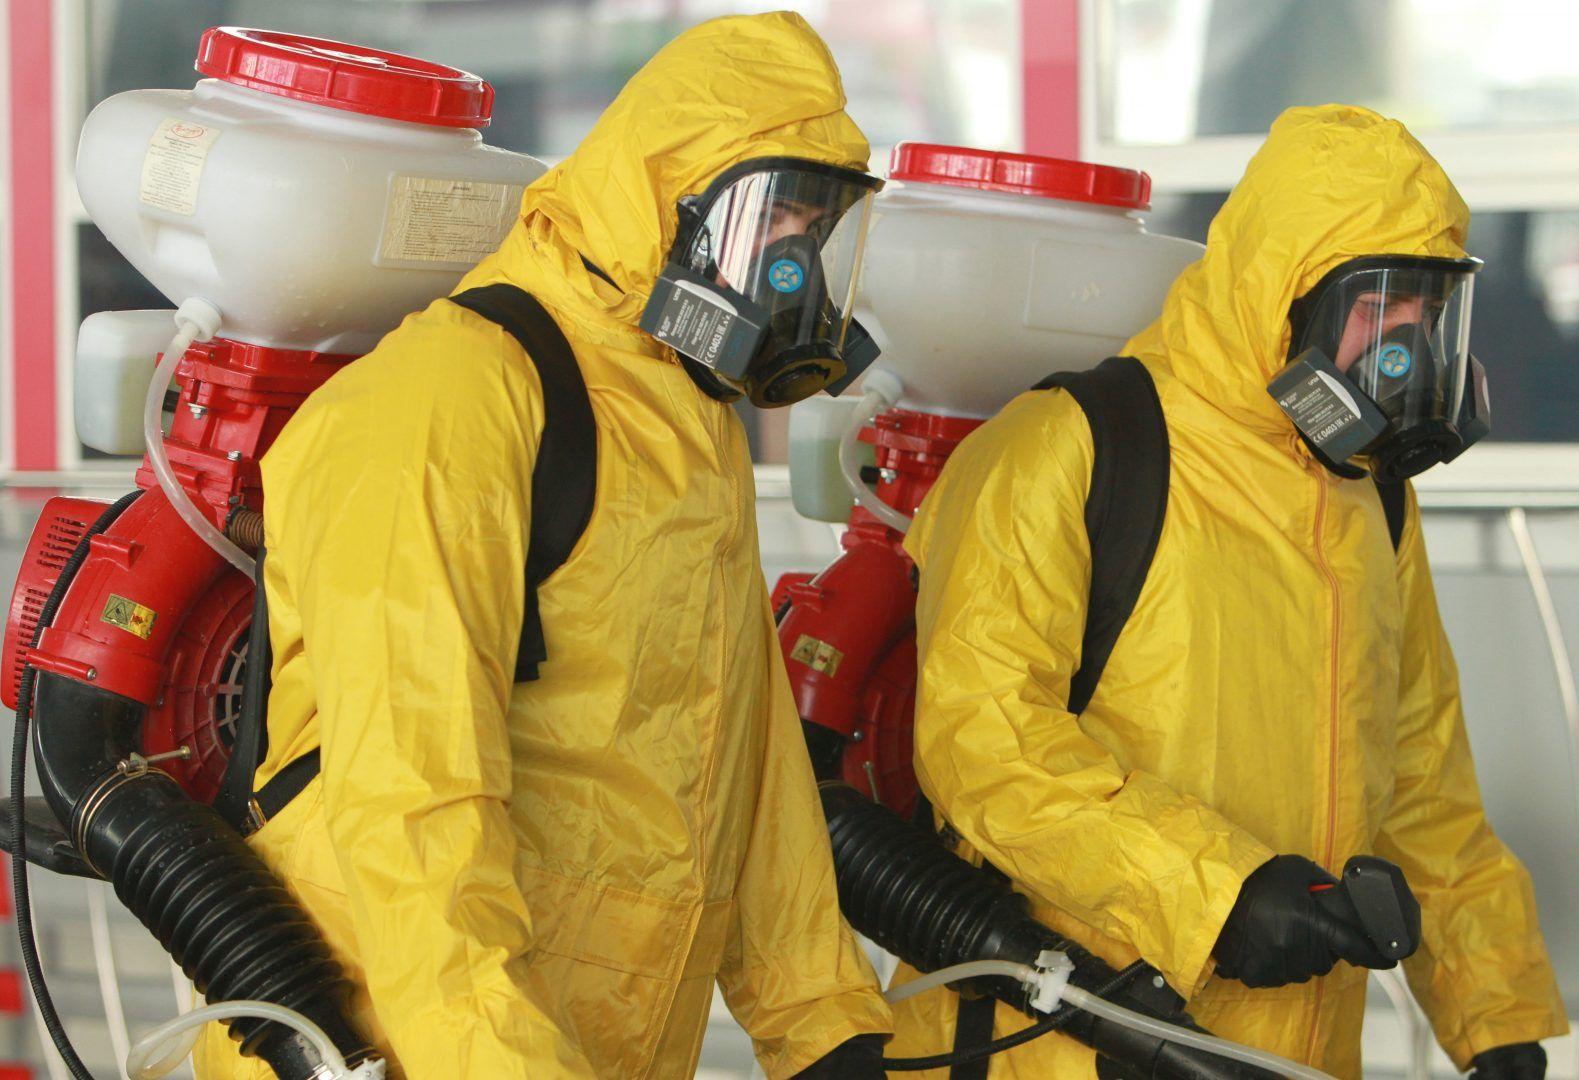 Для обработки сотрудники использовали бензиновые распылители. Фото: Наталия Нечаева, «Вечерняя Москва»